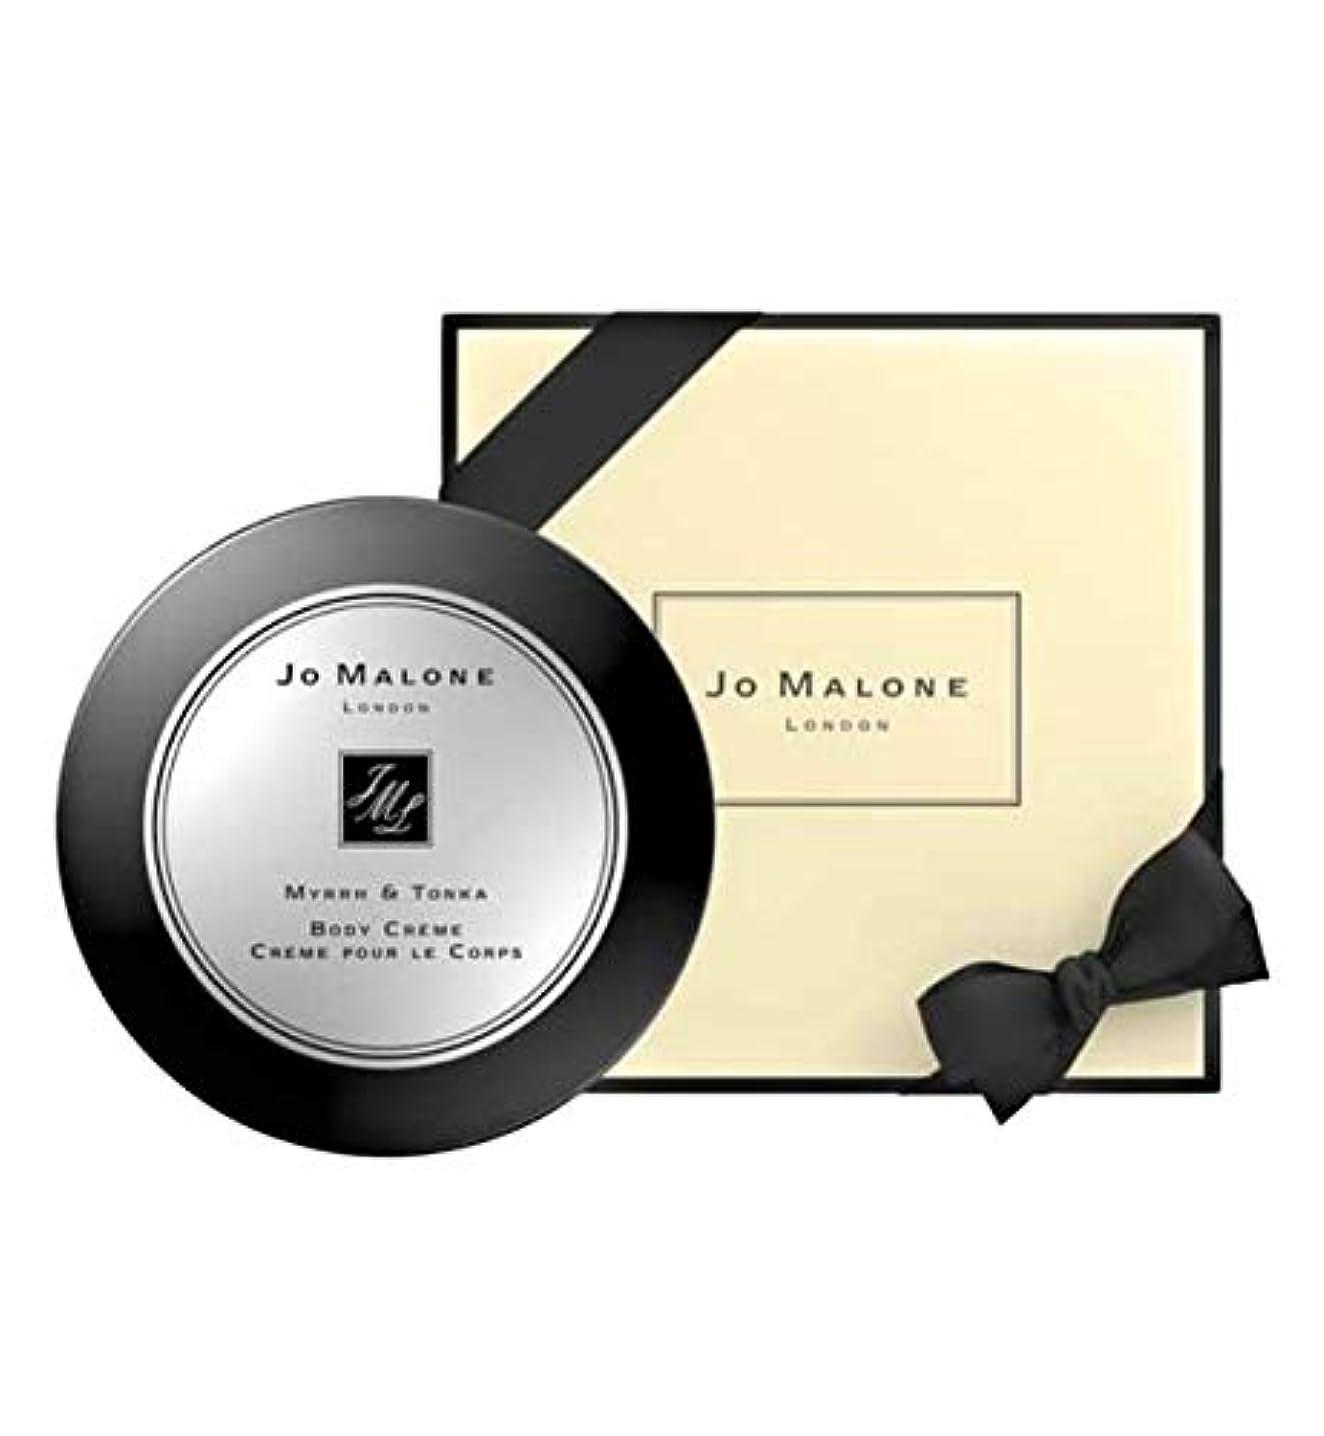 巻き戻す脊椎マイナーJO MALONE LONDON(ジョー マローン ロンドン) ミルラ & トンカ ボディ クレーム 175ml